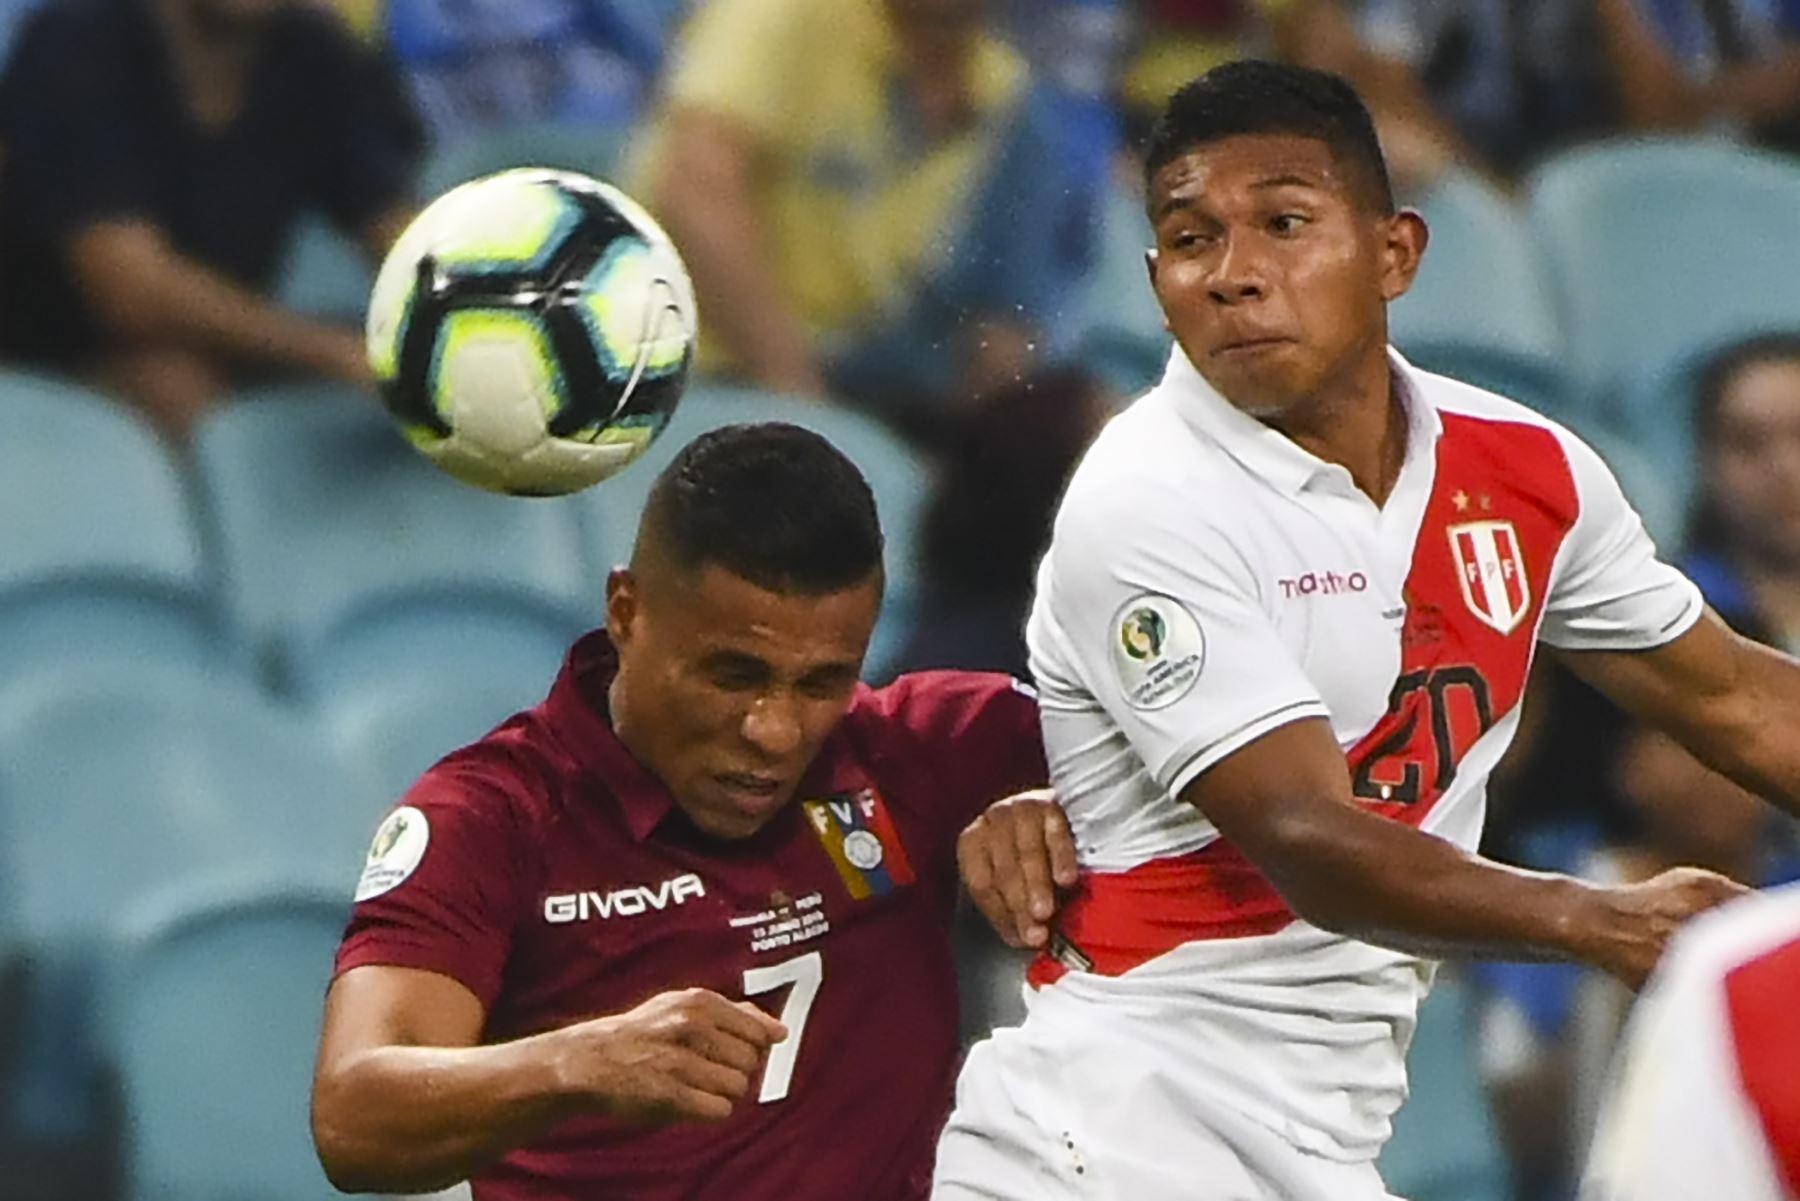 El venezolano Darwin Machis (L) y el peruano Edison Flores compiten por el balón durante su partido de torneo de fútbol de la Copa América en el Gremio Arena de Brasil. Foto:AFP